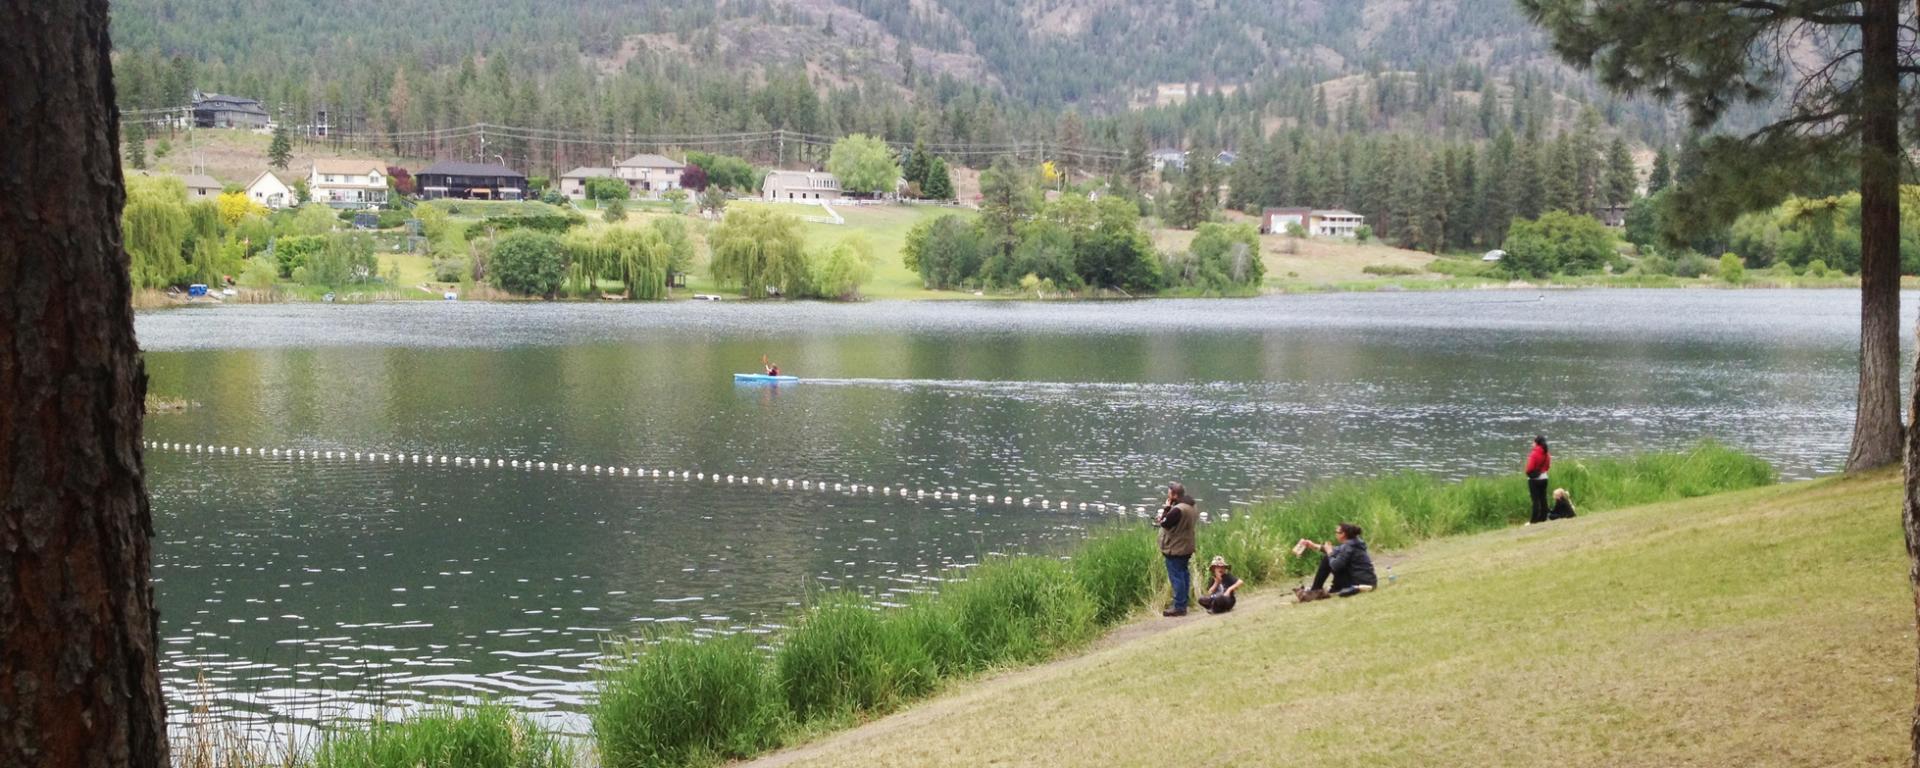 Shannon Lake Regional Park 1